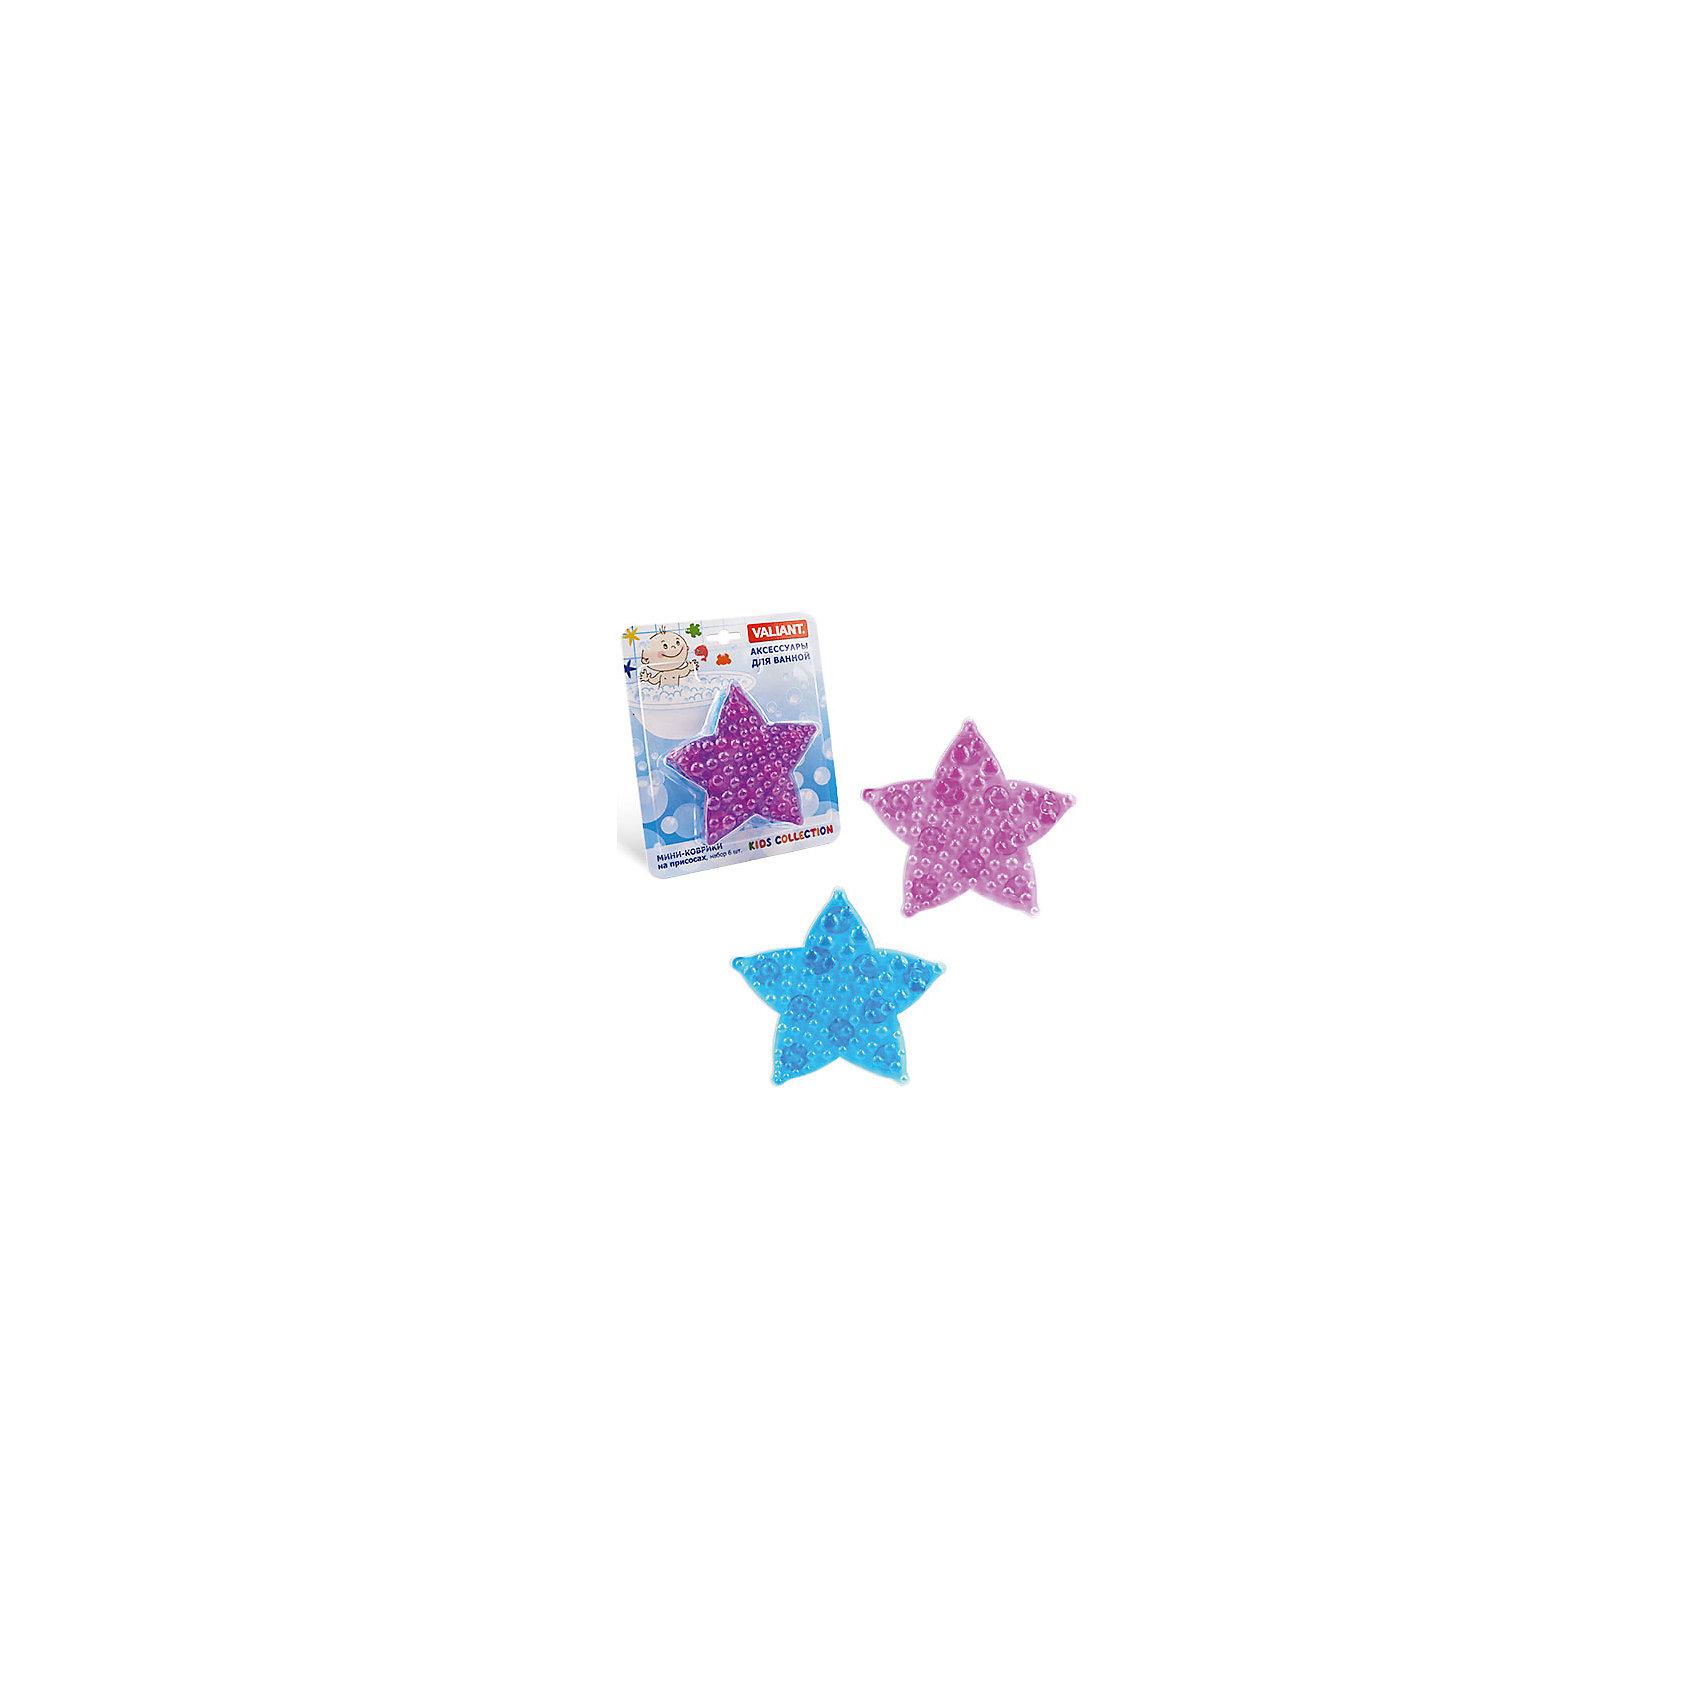 Набор ковриков Морская звезда на присосках (6 шт)Ванная комната<br>Мини-коврики для ванной комнаты - это яркое дополнение к купанию малыша. Это и игра и развитие моторики и изучение зверушек. <br>Колоссальный и постоянно растущий спрос на них обусловлен реакцией малышей и их мам на данное изобретение по всему миру.<br>Мини-коврики снабжены присосками и превосходно клеятся на влажный кафель.<br><br>Ширина мм: 350<br>Глубина мм: 50<br>Высота мм: 225<br>Вес г: 450<br>Возраст от месяцев: -2147483648<br>Возраст до месяцев: 2147483647<br>Пол: Унисекс<br>Возраст: Детский<br>SKU: 4563333